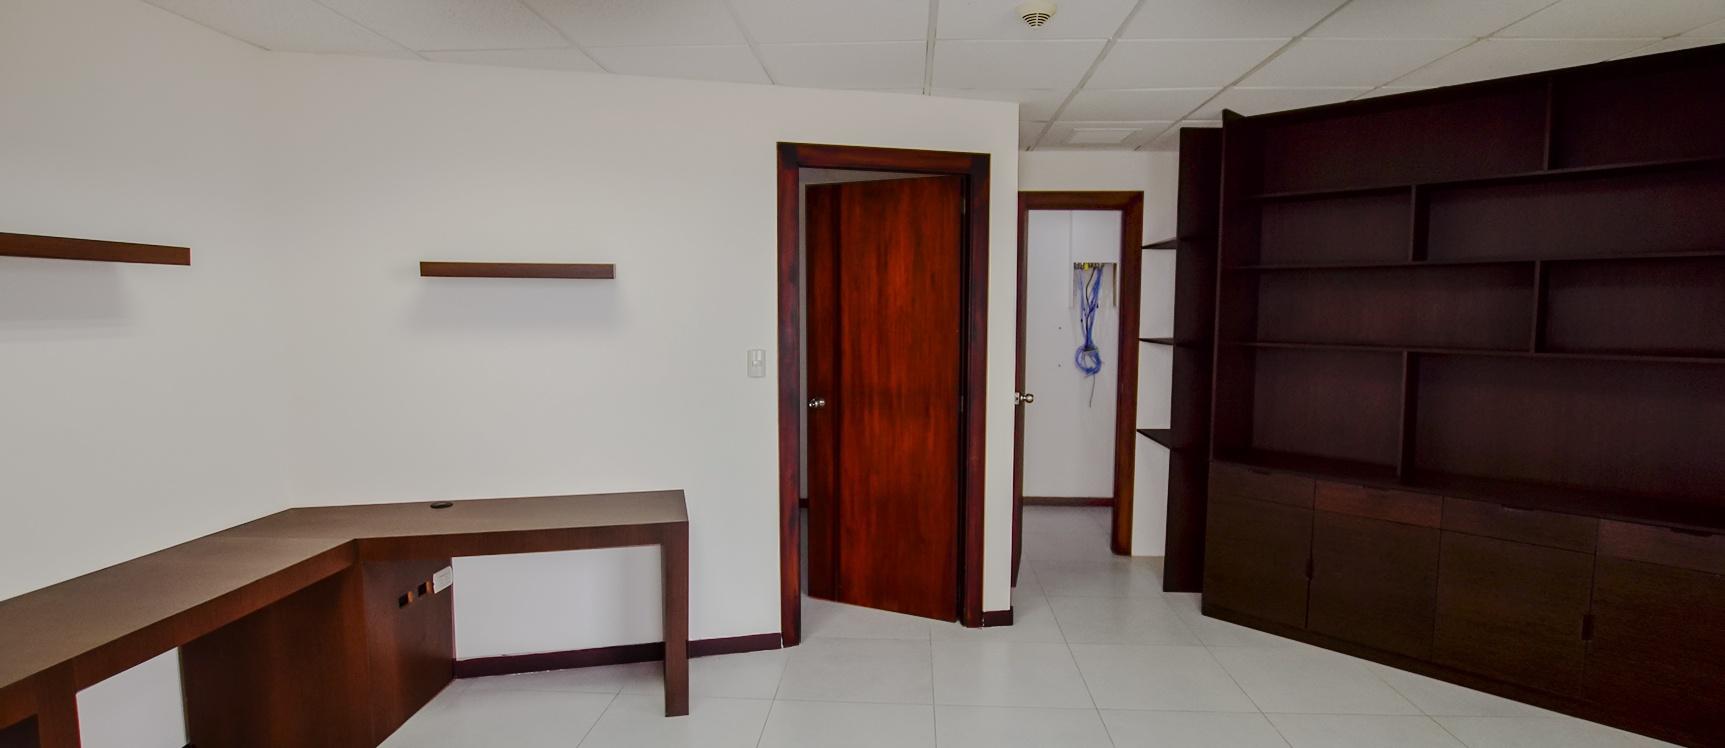 GeoBienes - Oficina en alquiler en edificio The Point sector centro de Guayaquil - Plusvalia Guayaquil Casas de venta y alquiler Inmobiliaria Ecuador